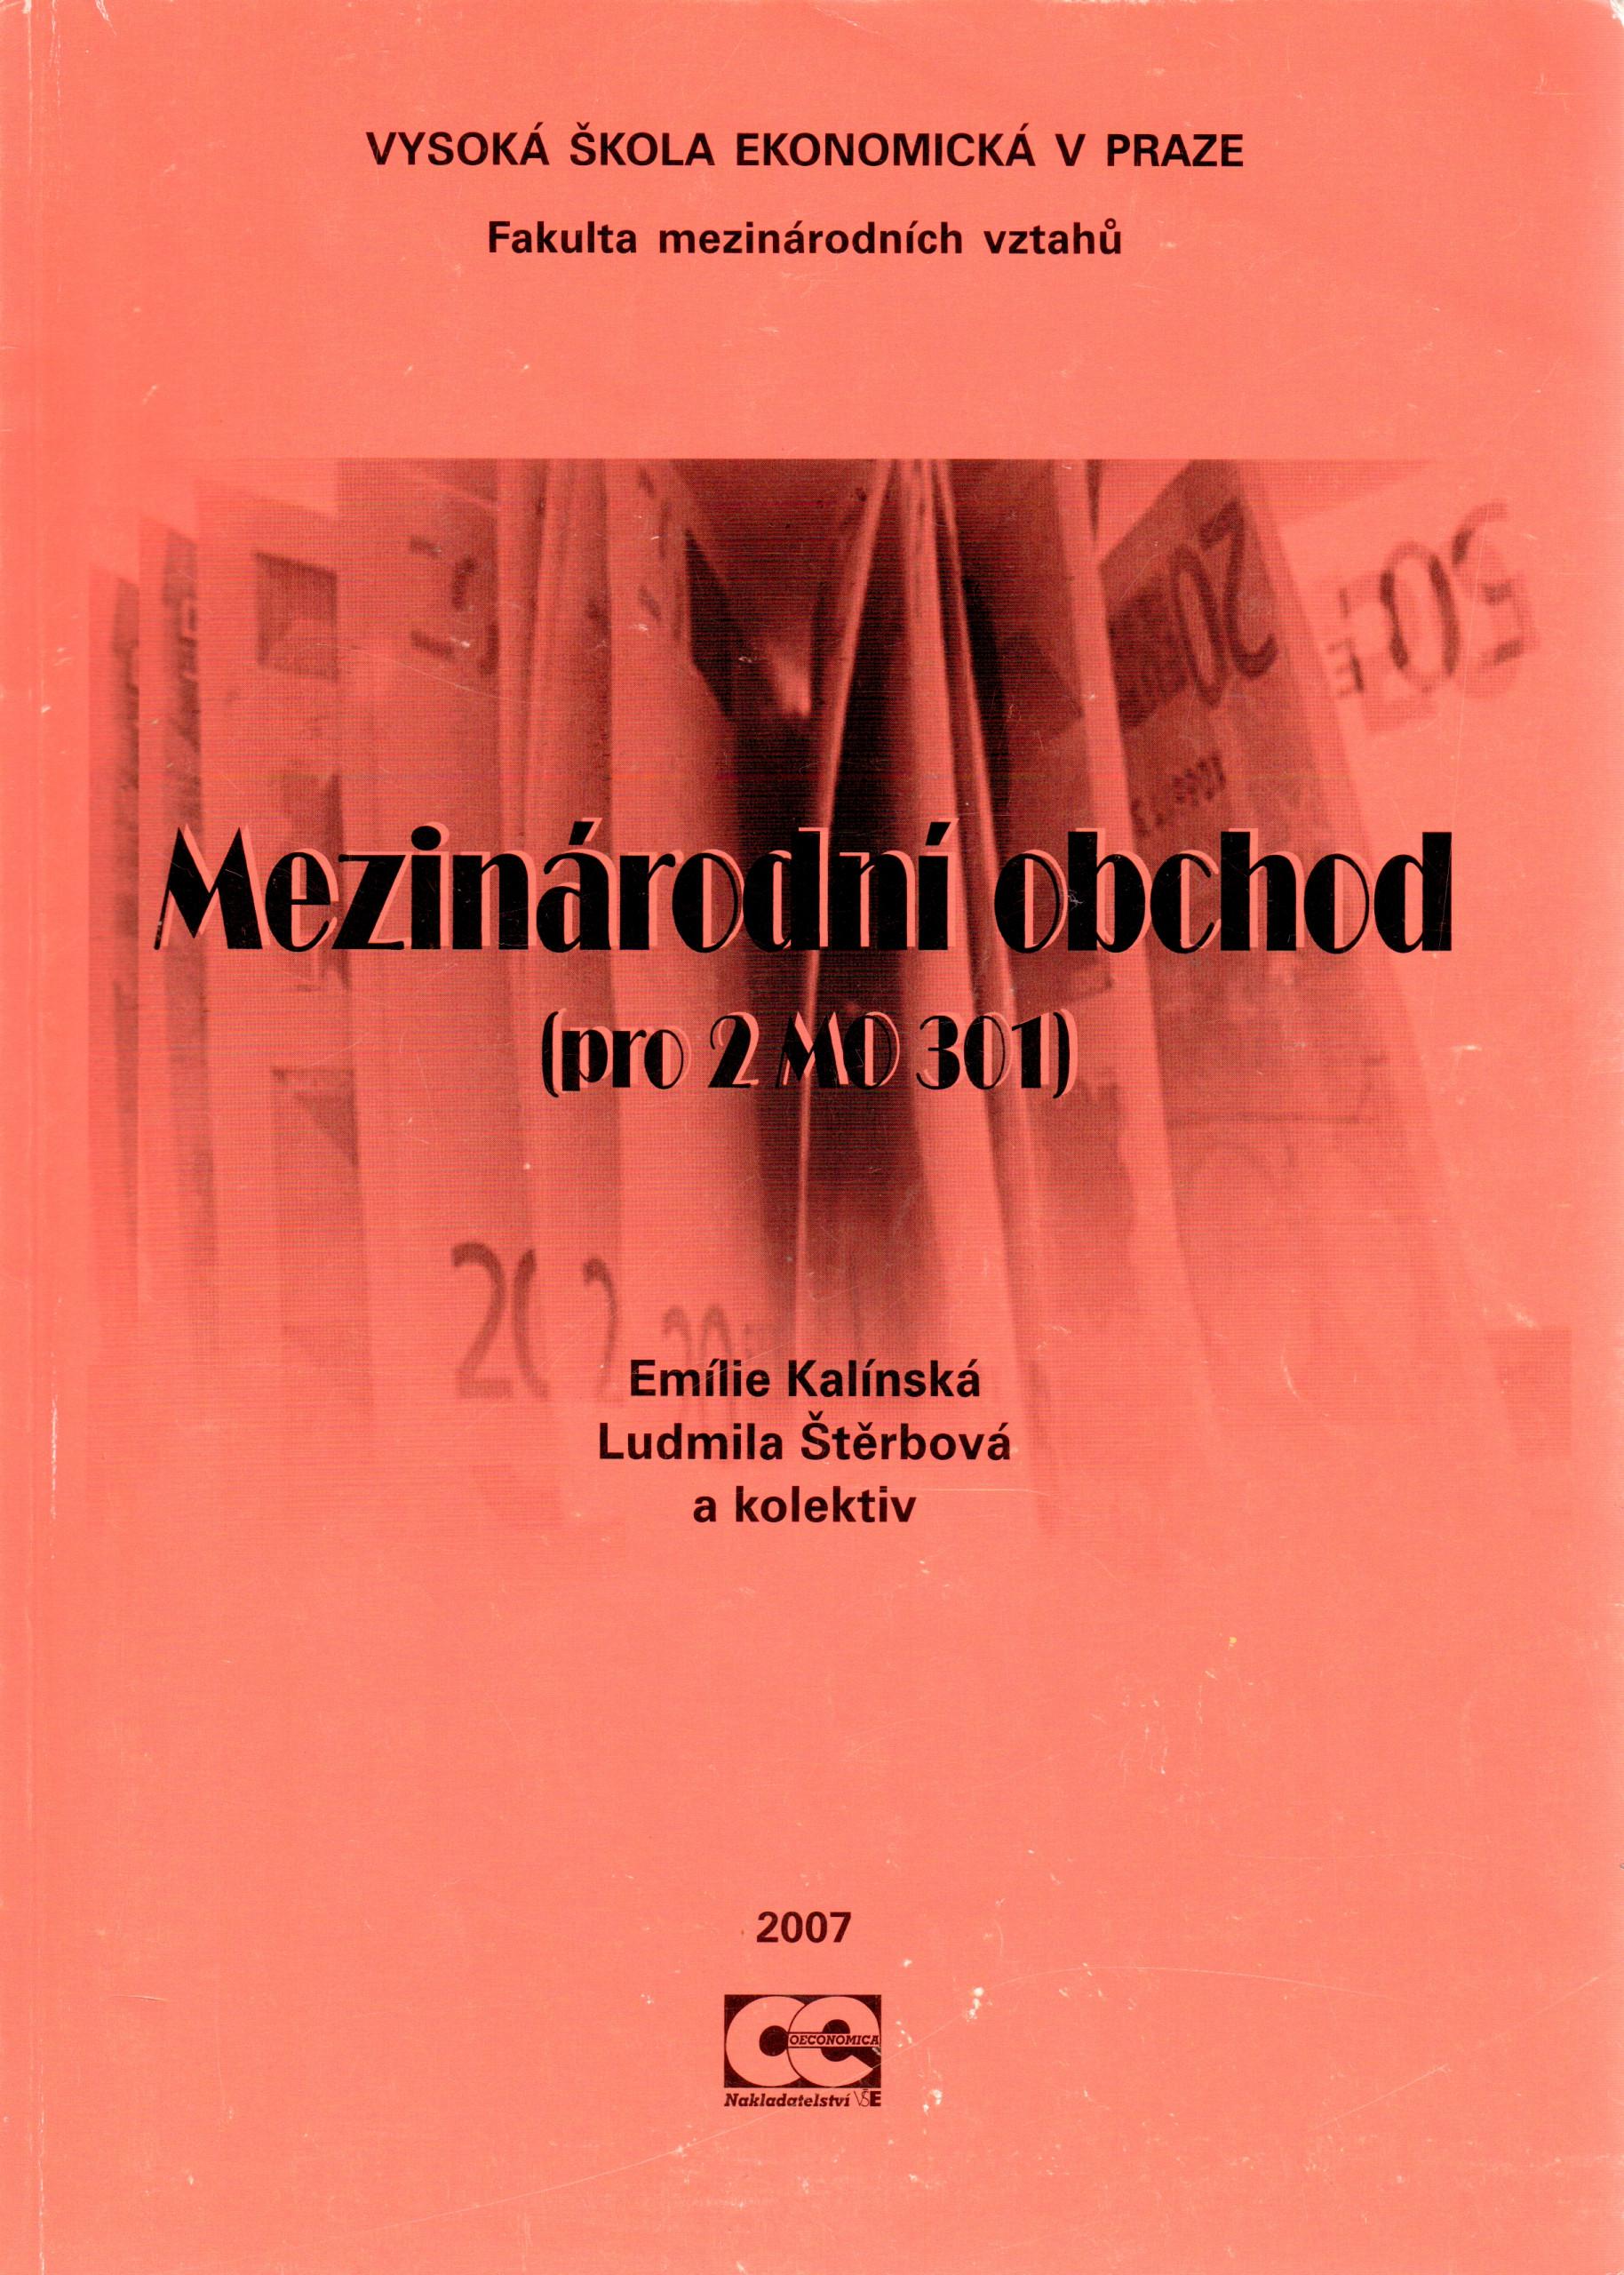 Mezinárodní obchod (pro 2MO 301) - Náhled učebnice